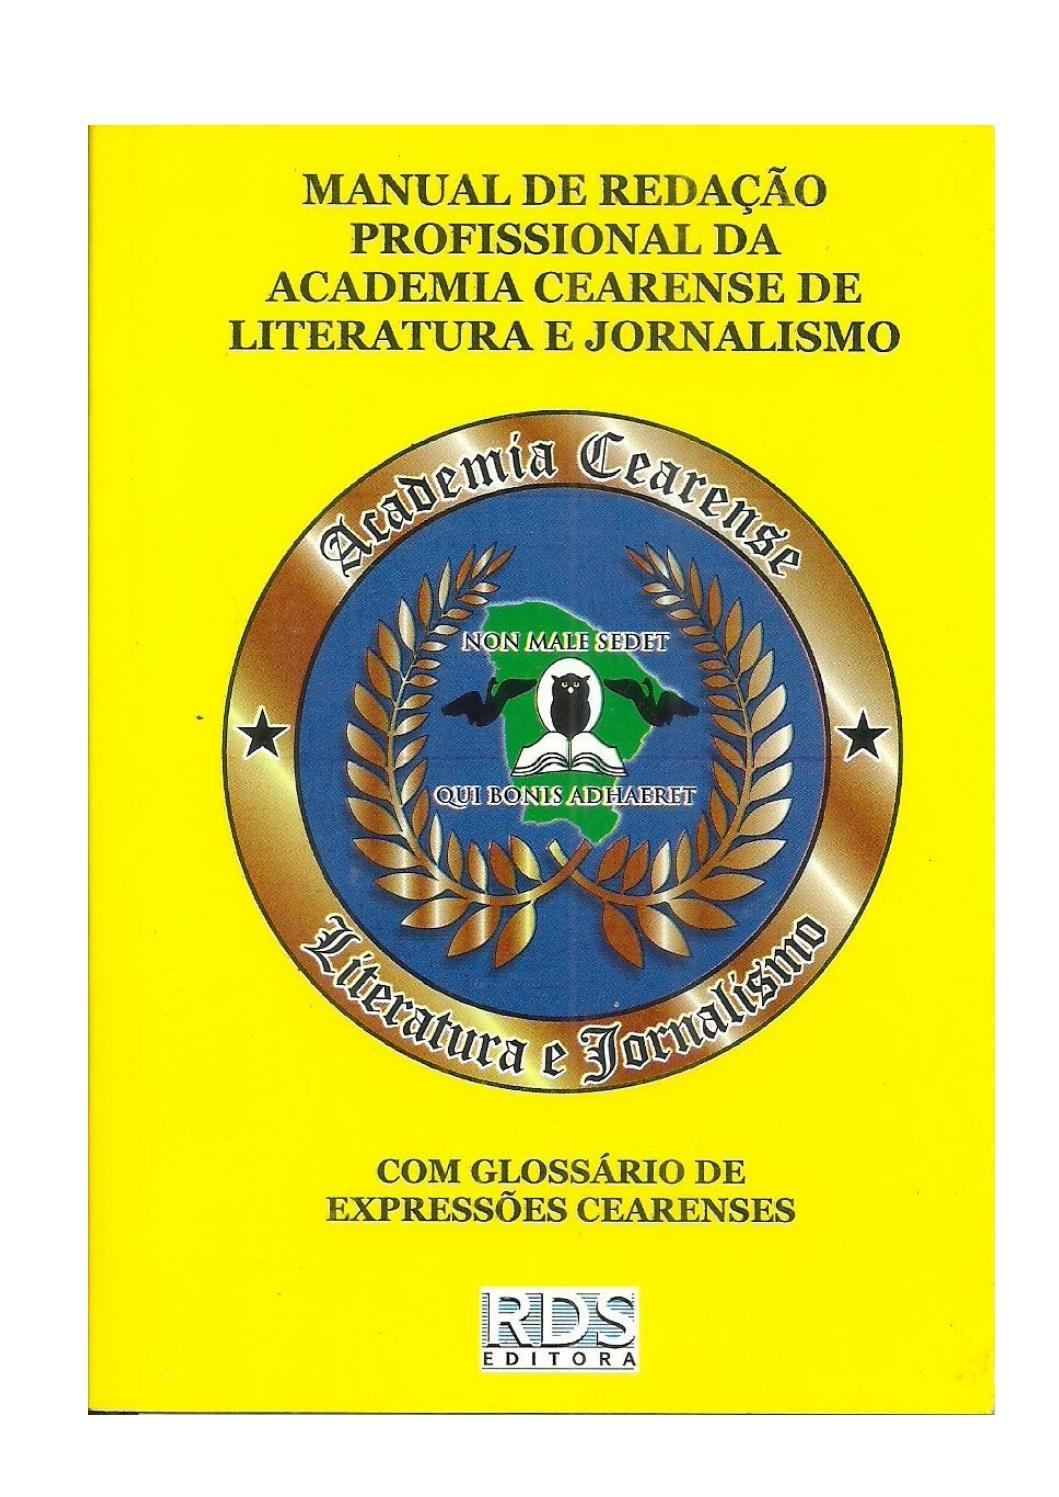 Manual de redação by Reginaldo Vasconcelos - issuu ae52f13034724